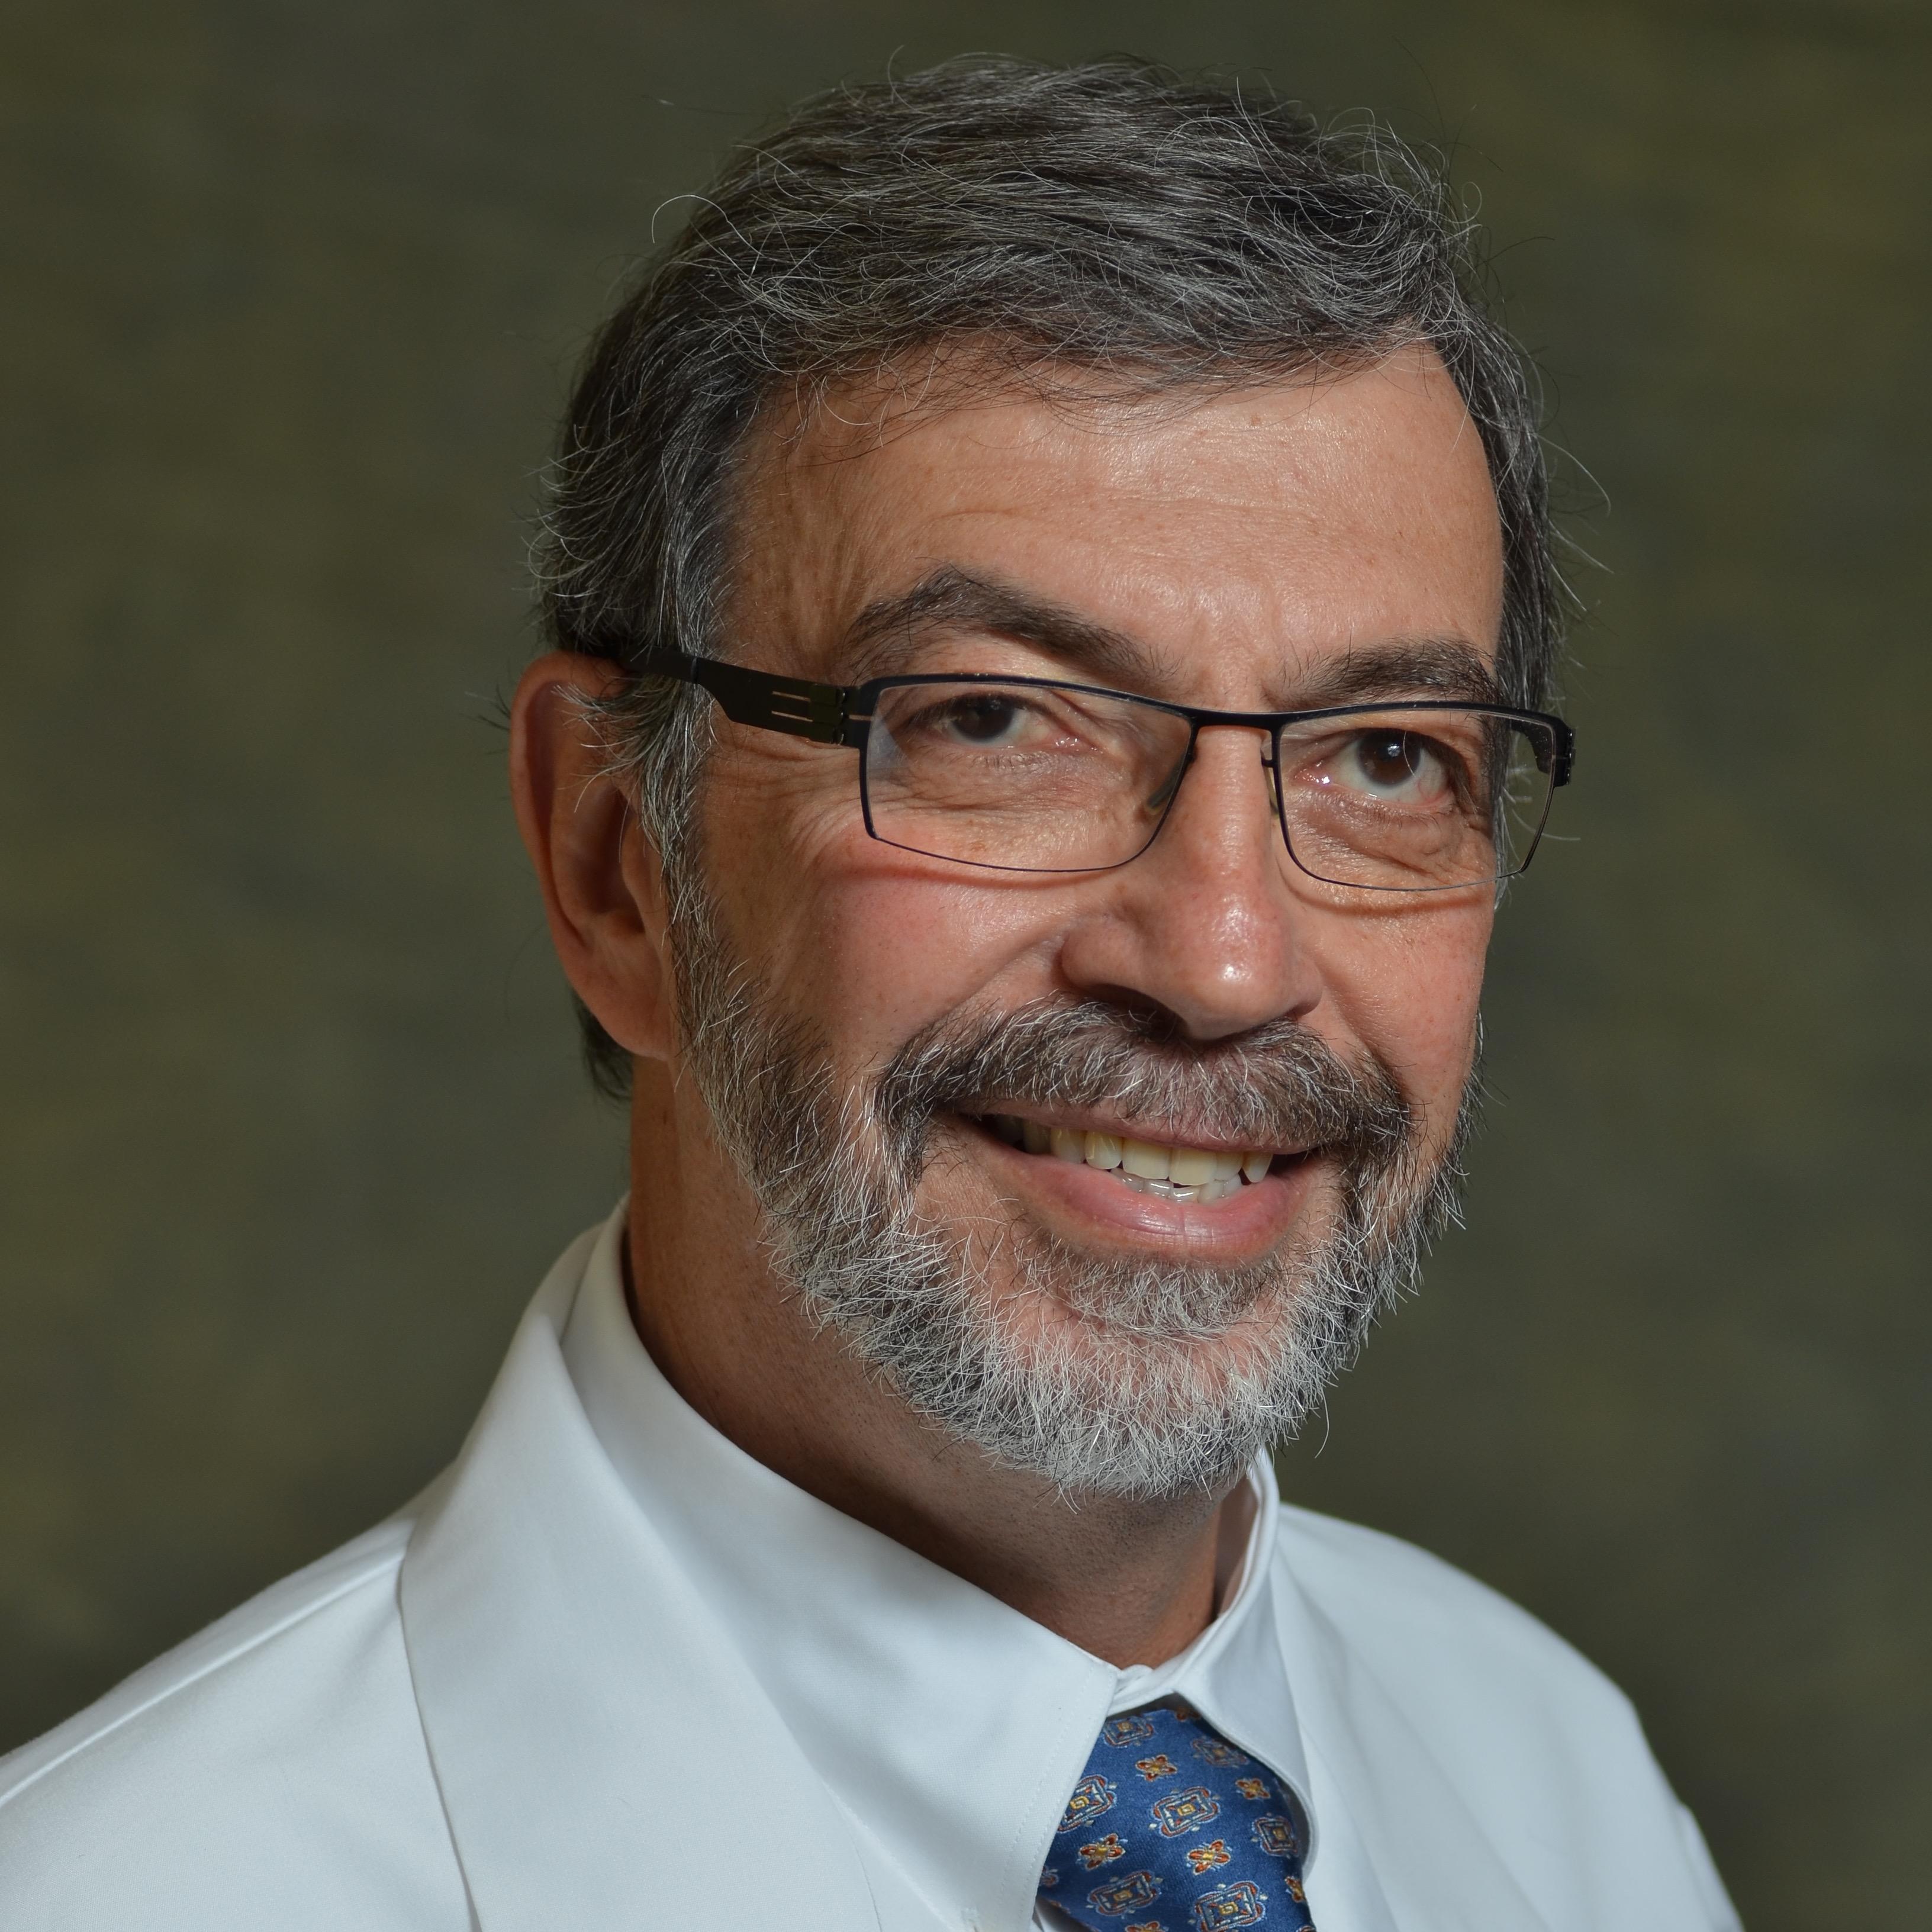 Dr. Jay A. Erlebacher